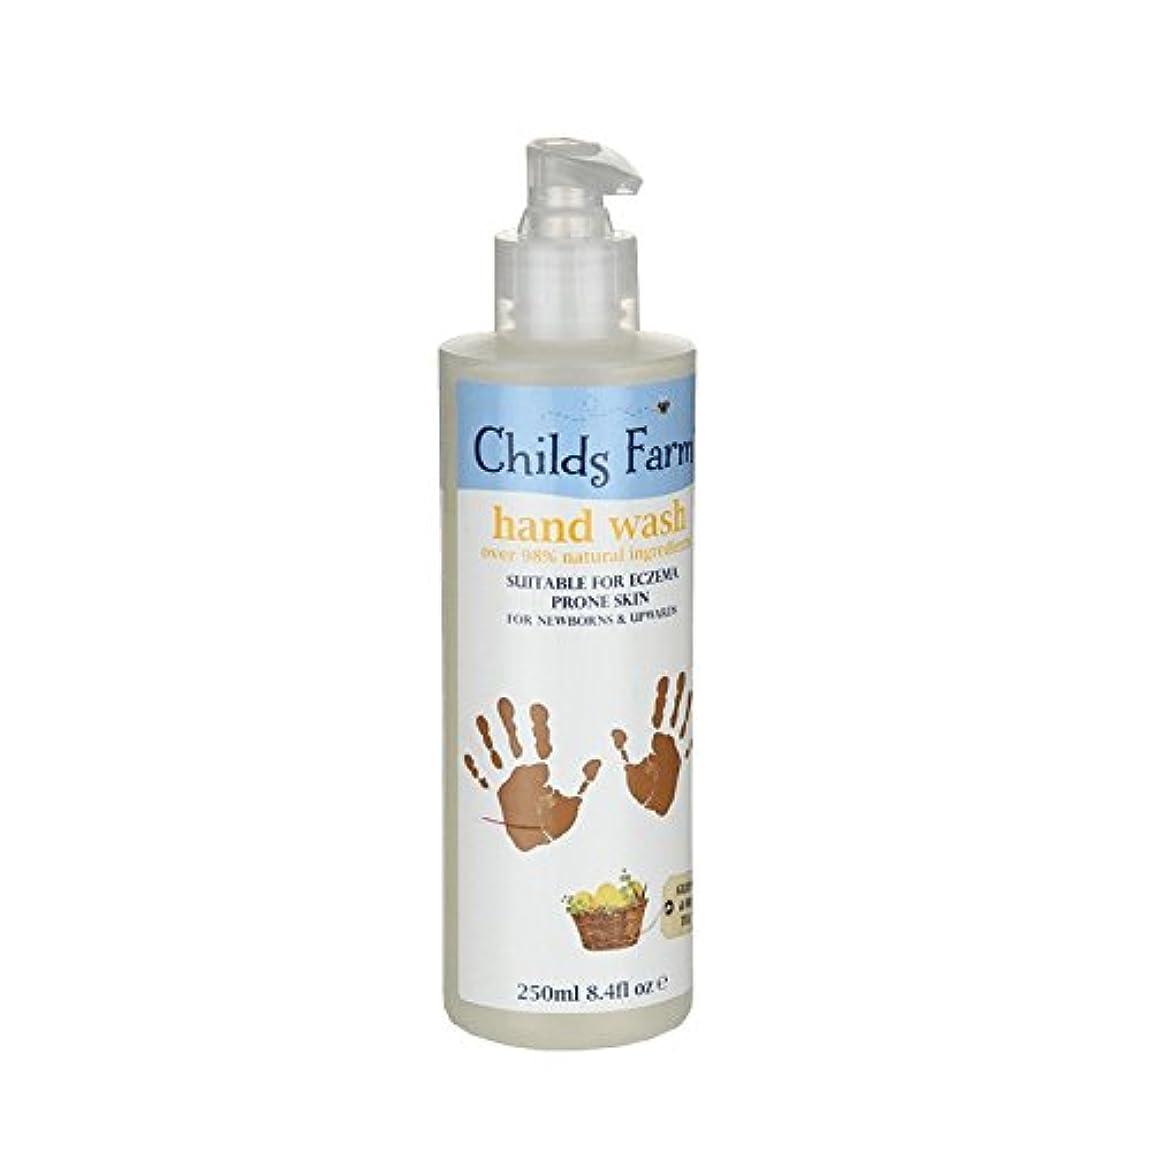 宝コンチネンタル翻訳汚いミット250ミリリットルのためのチャイルズファーム手洗い - Childs Farm Hand Wash for Mucky Mitts 250ml (Childs Farm) [並行輸入品]